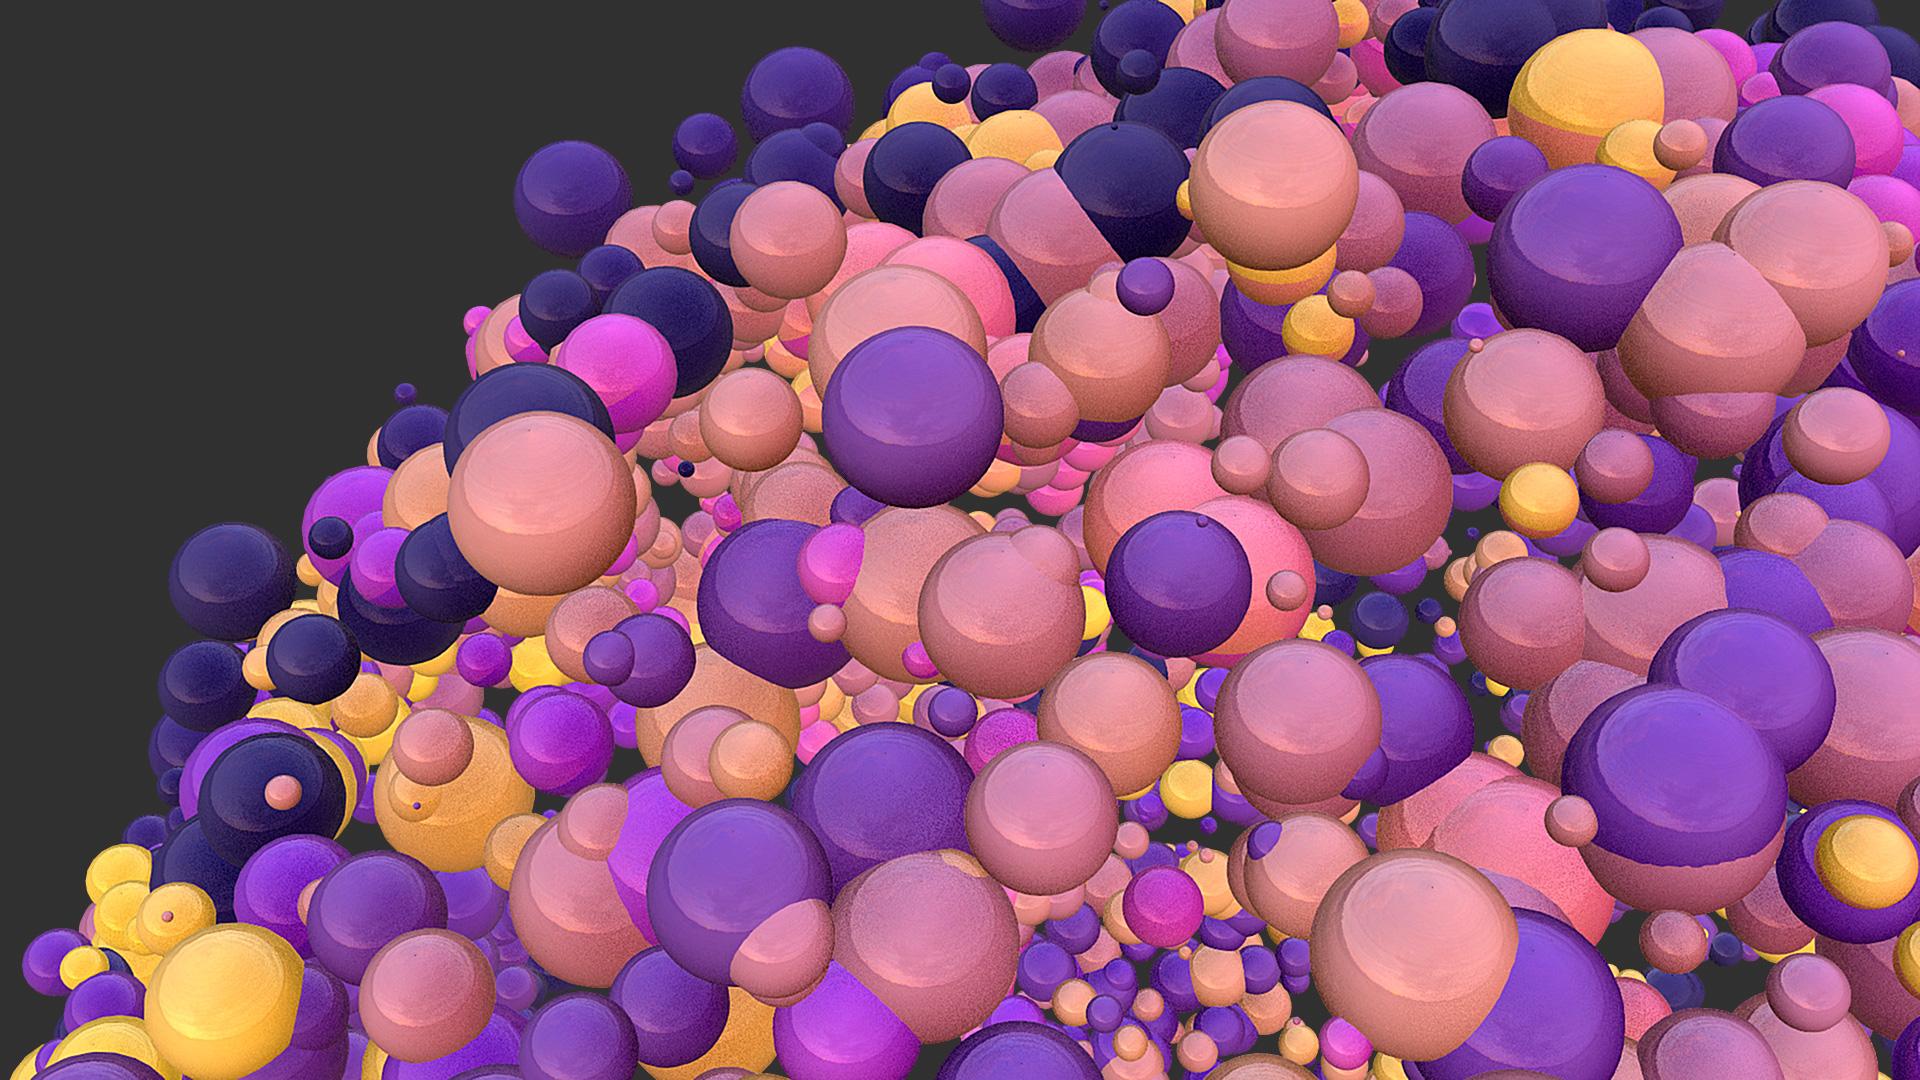 spheres_and_spheres2.jpg